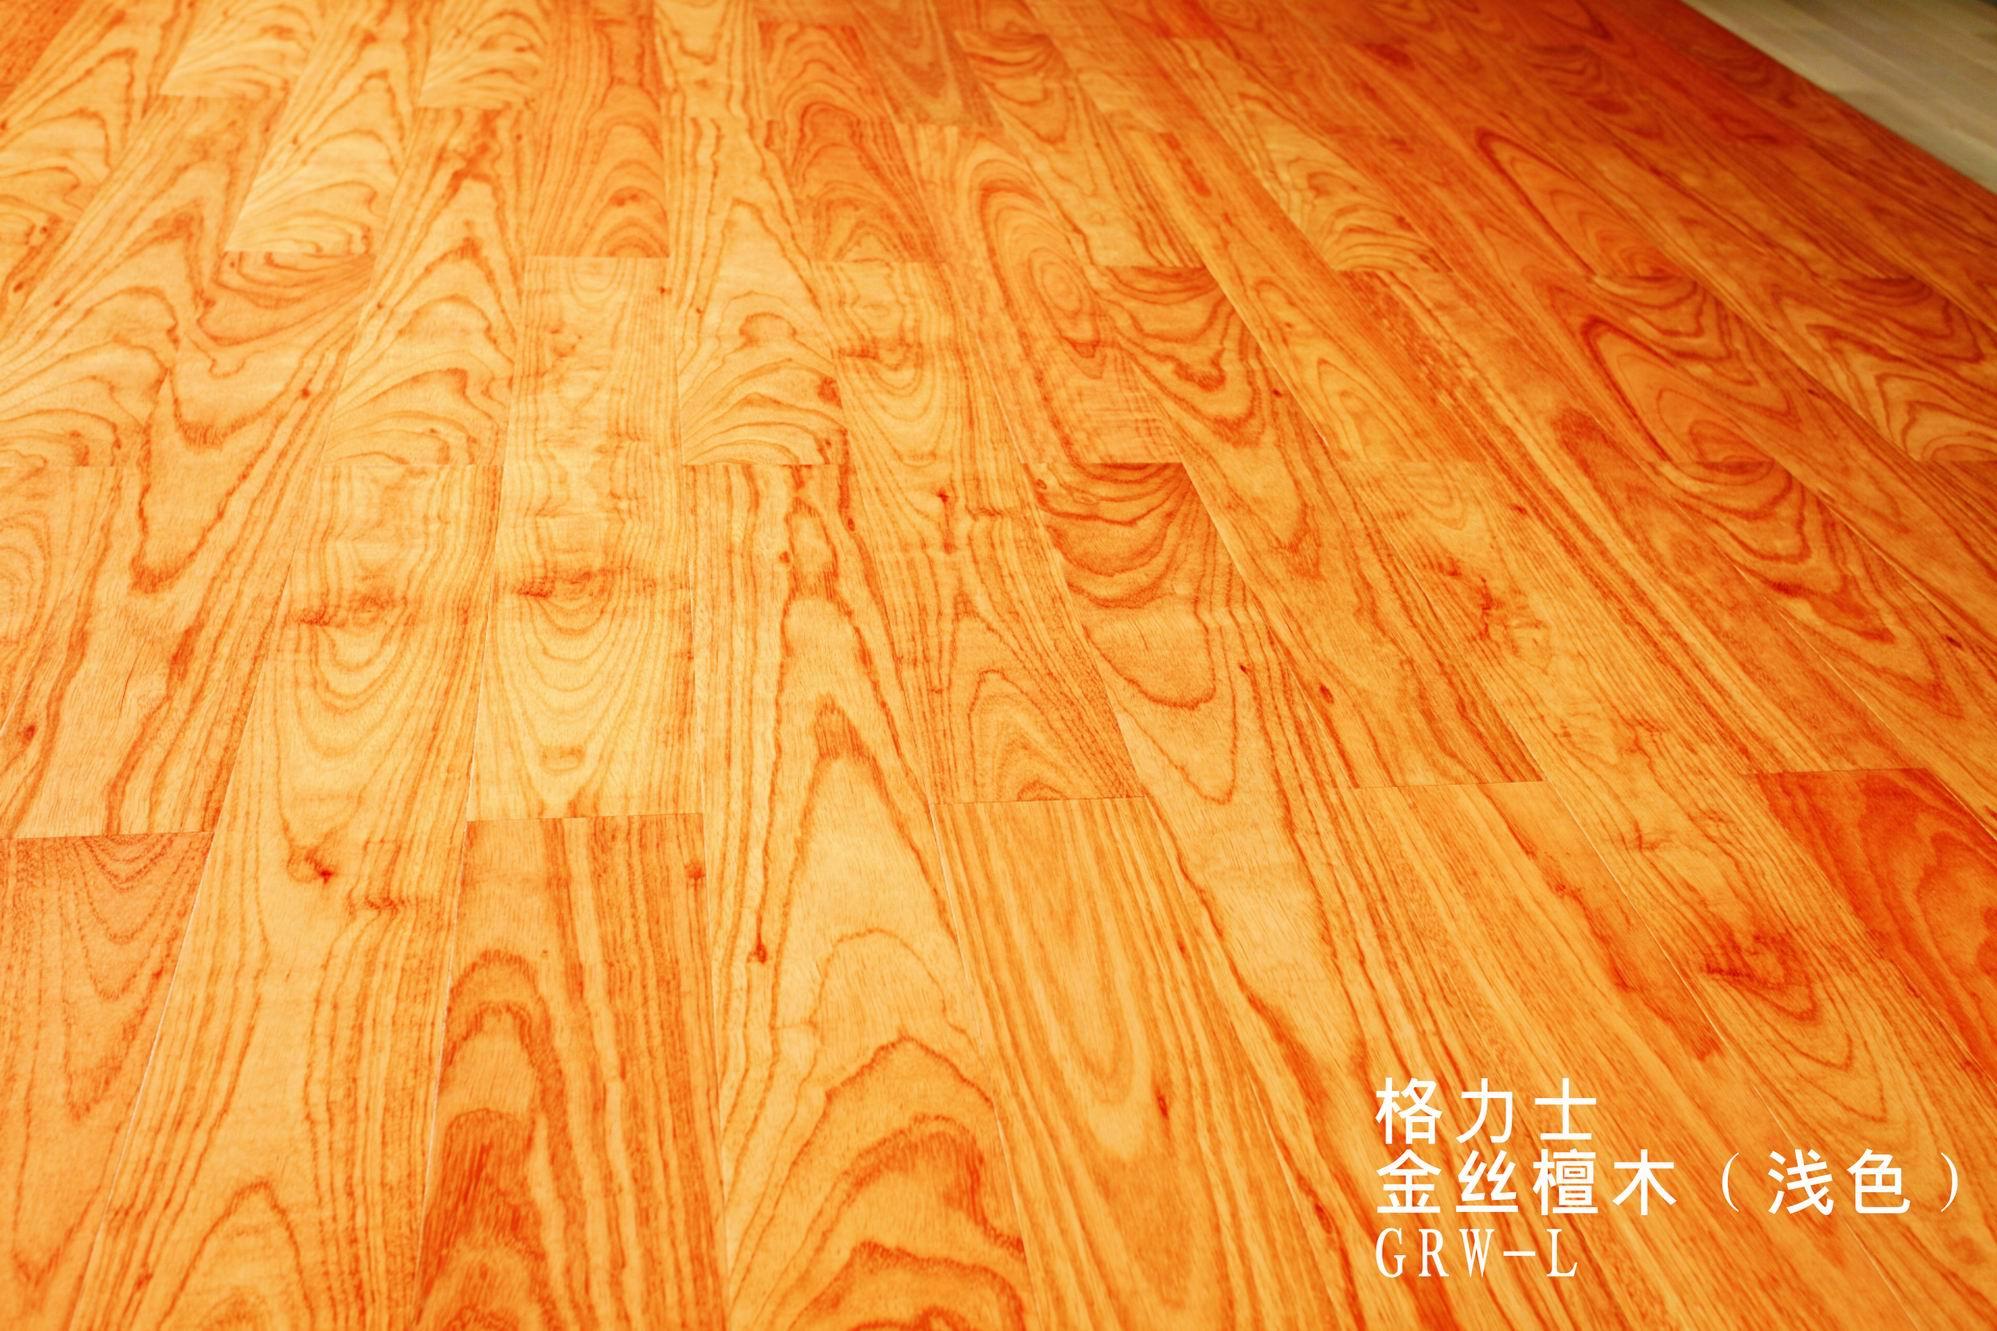 金絲檀木(淺色)GRW-L